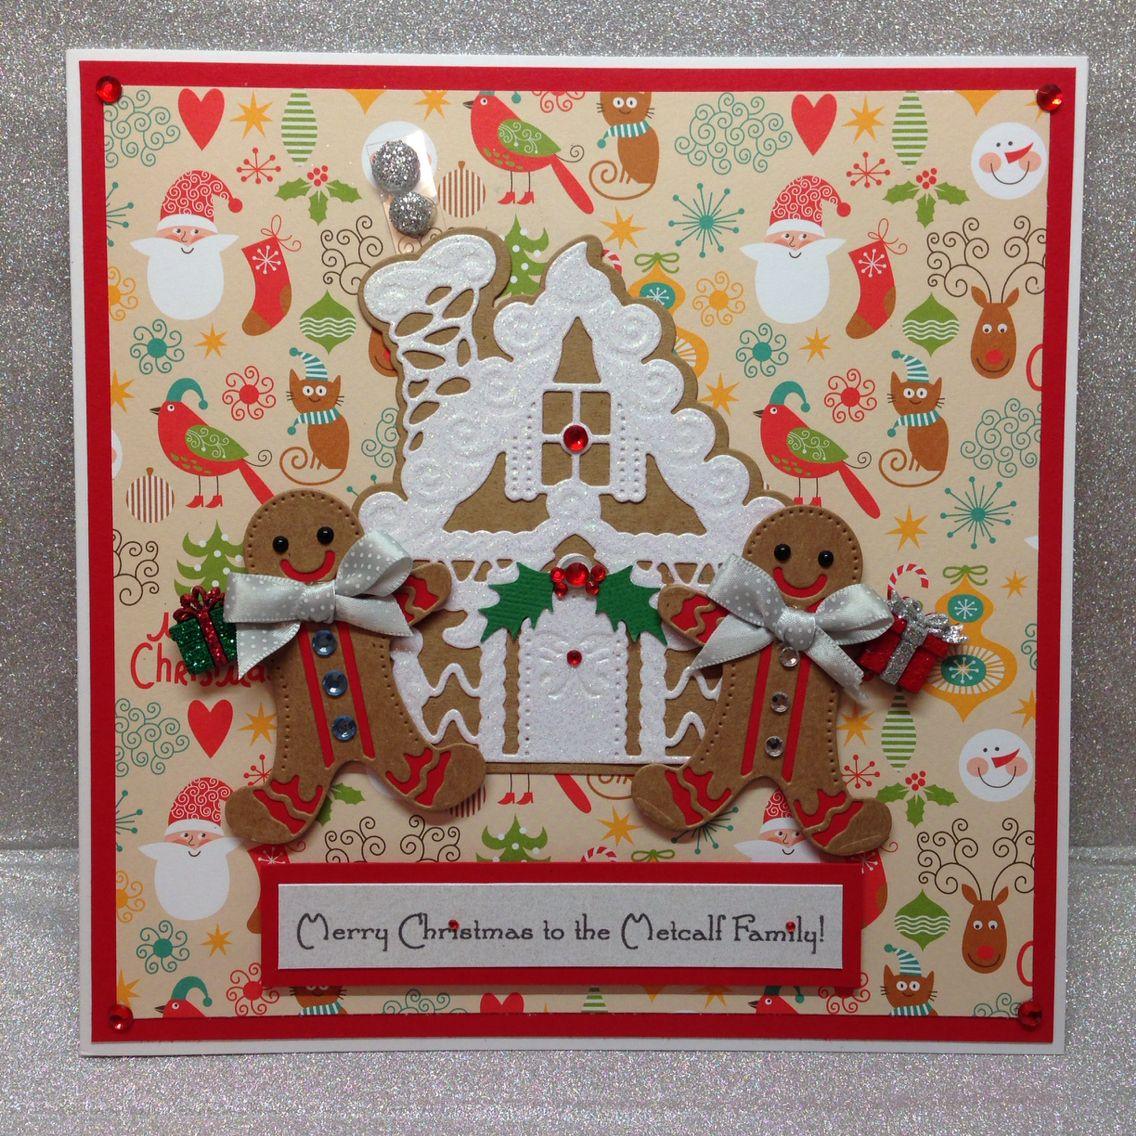 Gingerbread House Die By Spellbinders And Gingerbread Man